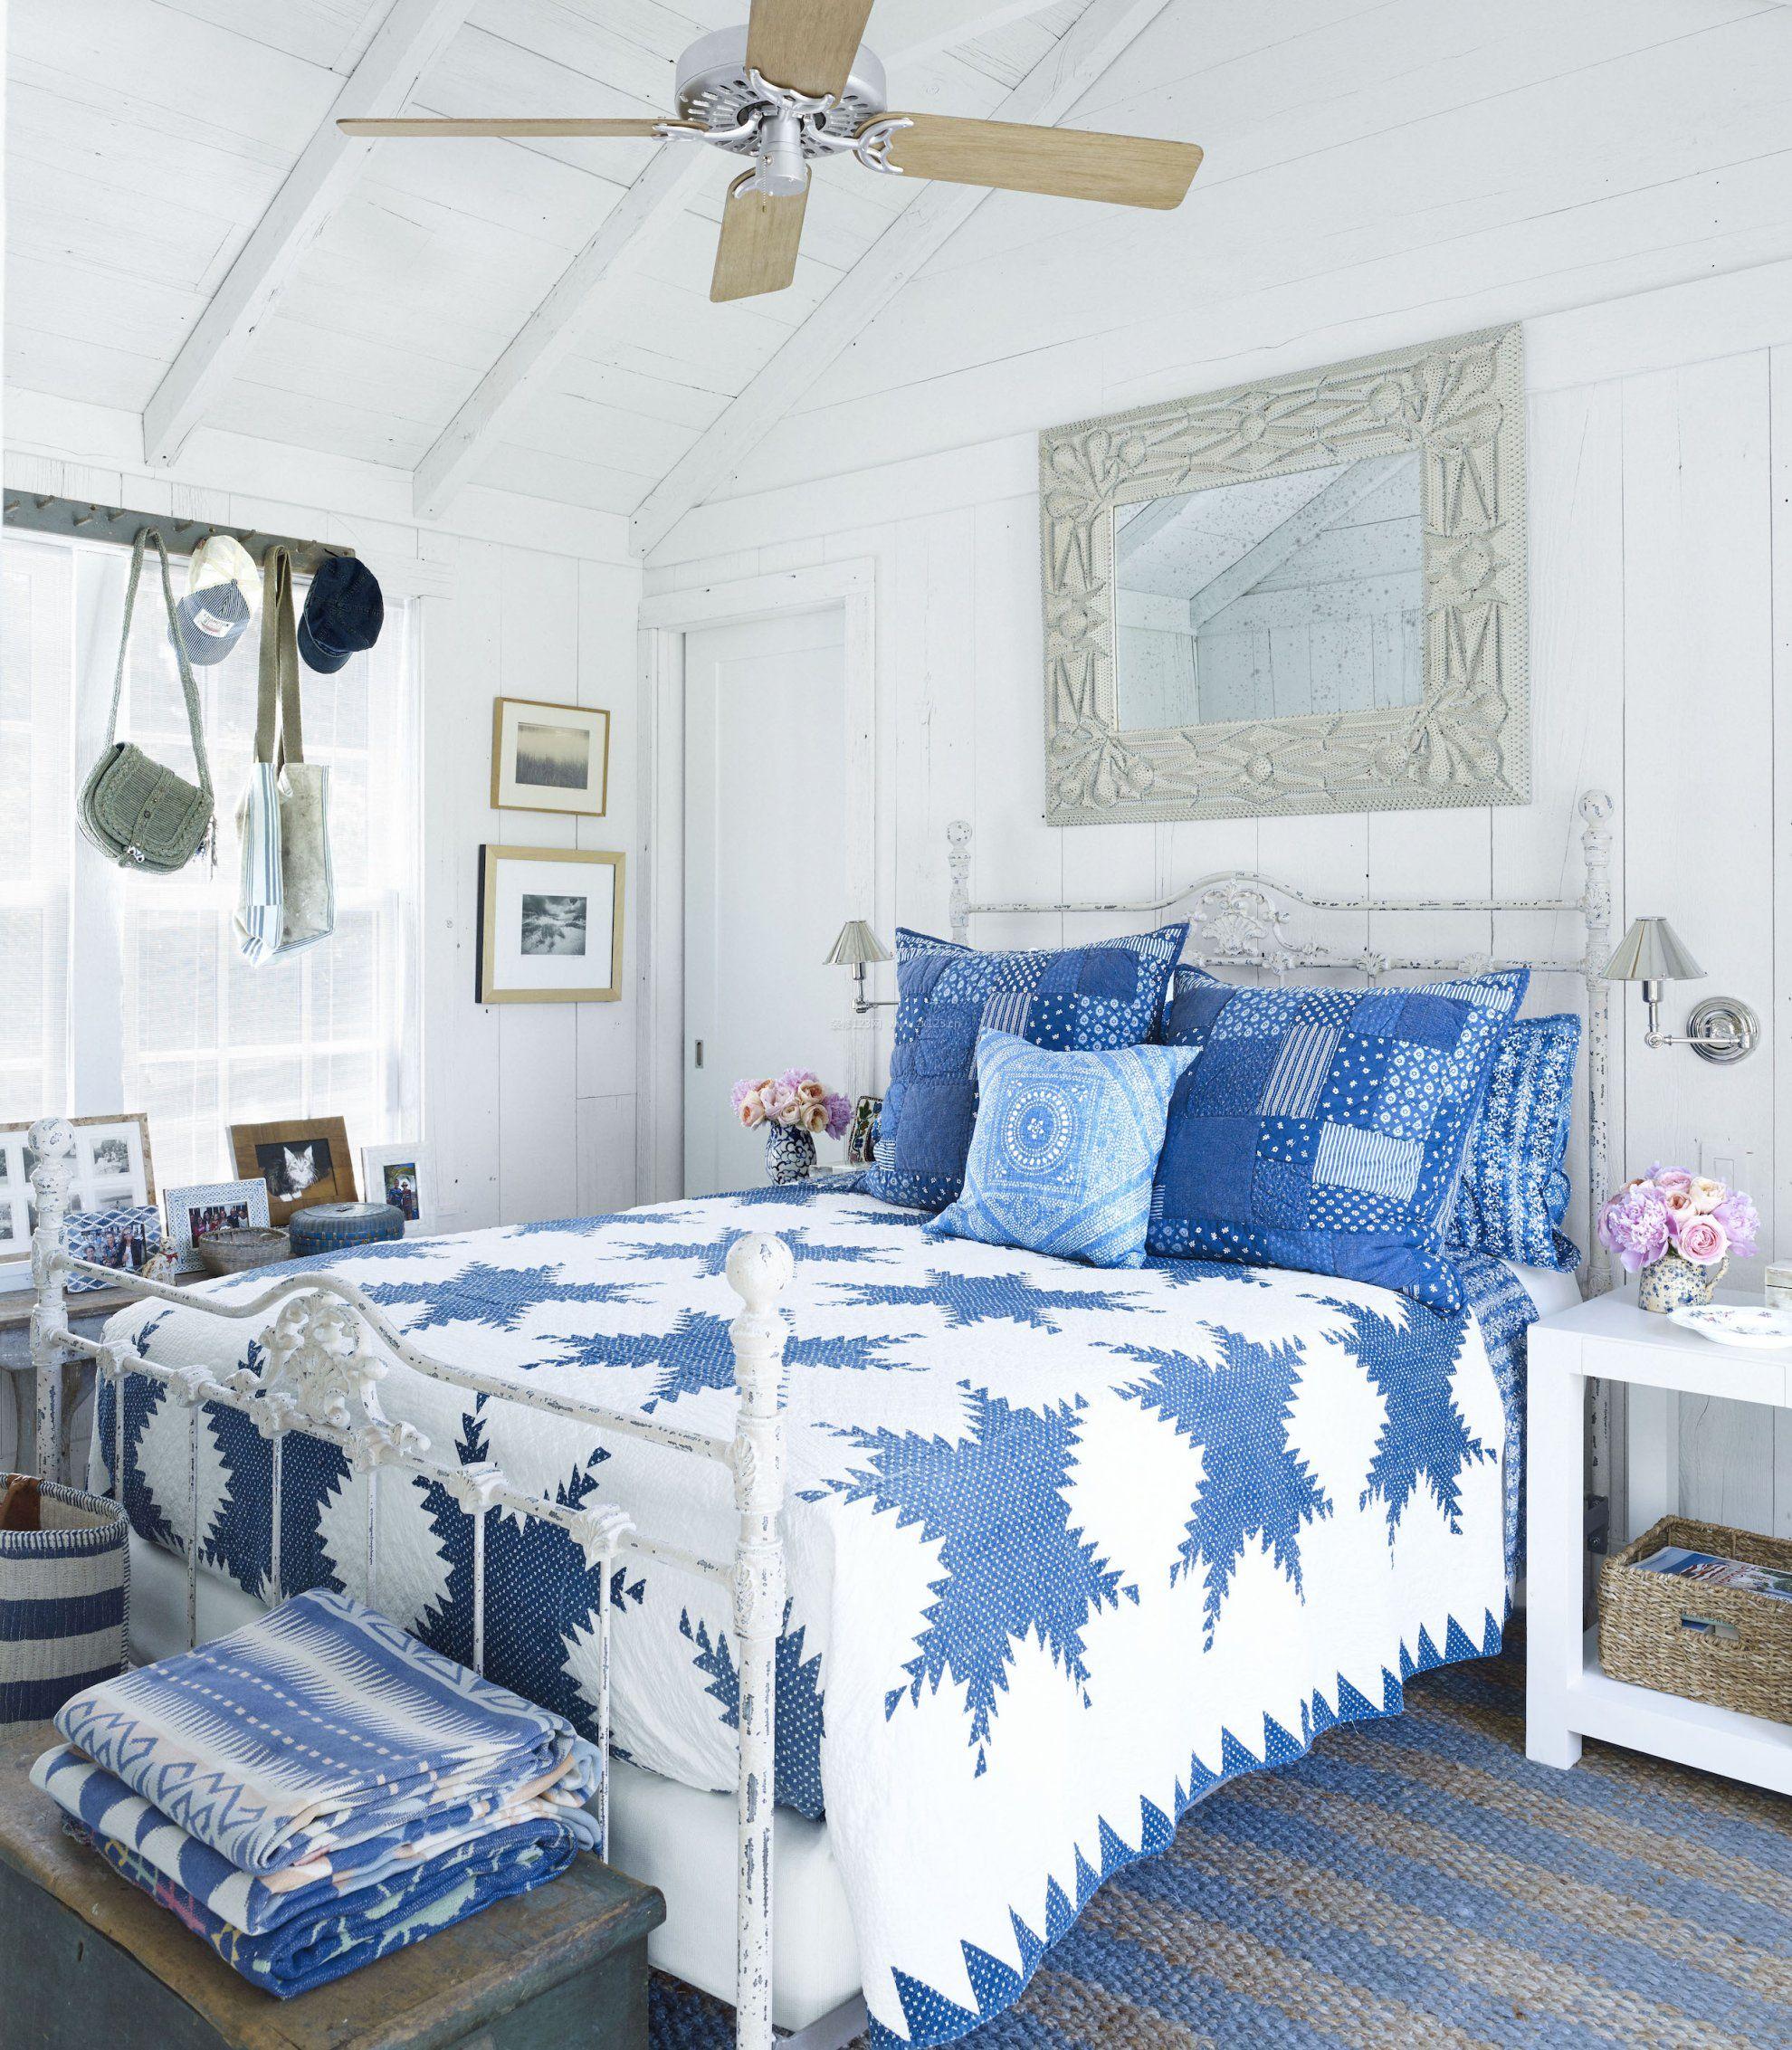 田园风格房间室内装饰设计效果图